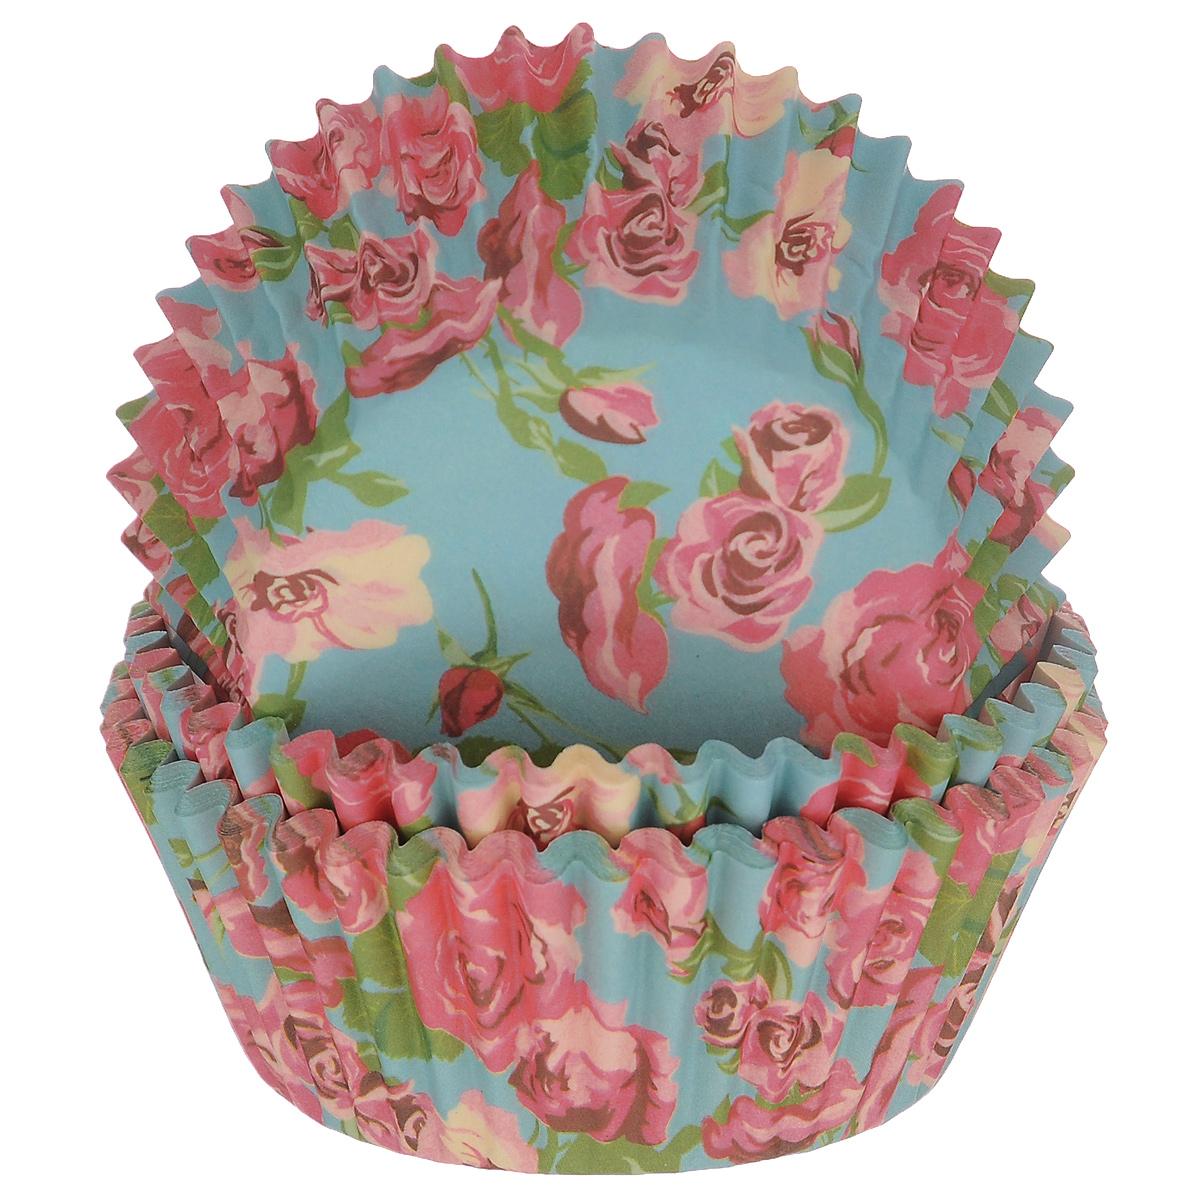 Набор бумажных форм для кексов Dolce Arti Розы, цвет: голубой, розовый, диаметр 5 см, 50 шт54 009312Набор Dolce Arti Розы состоит из 50 бумажных форм для кексов, оформленных красочным изображением роз. Они предназначены для выпечки и упаковки кондитерских изделий, также могут использоваться для сервировки орешков, конфет и много другого. Для одноразового применения. Гофрированные бумажные формы идеальны для выпечки кексов, булочек и пирожных.Высота стенки: 3 см. Диаметр (по верхнему краю): 7 см.Диаметр дна: 5 см.